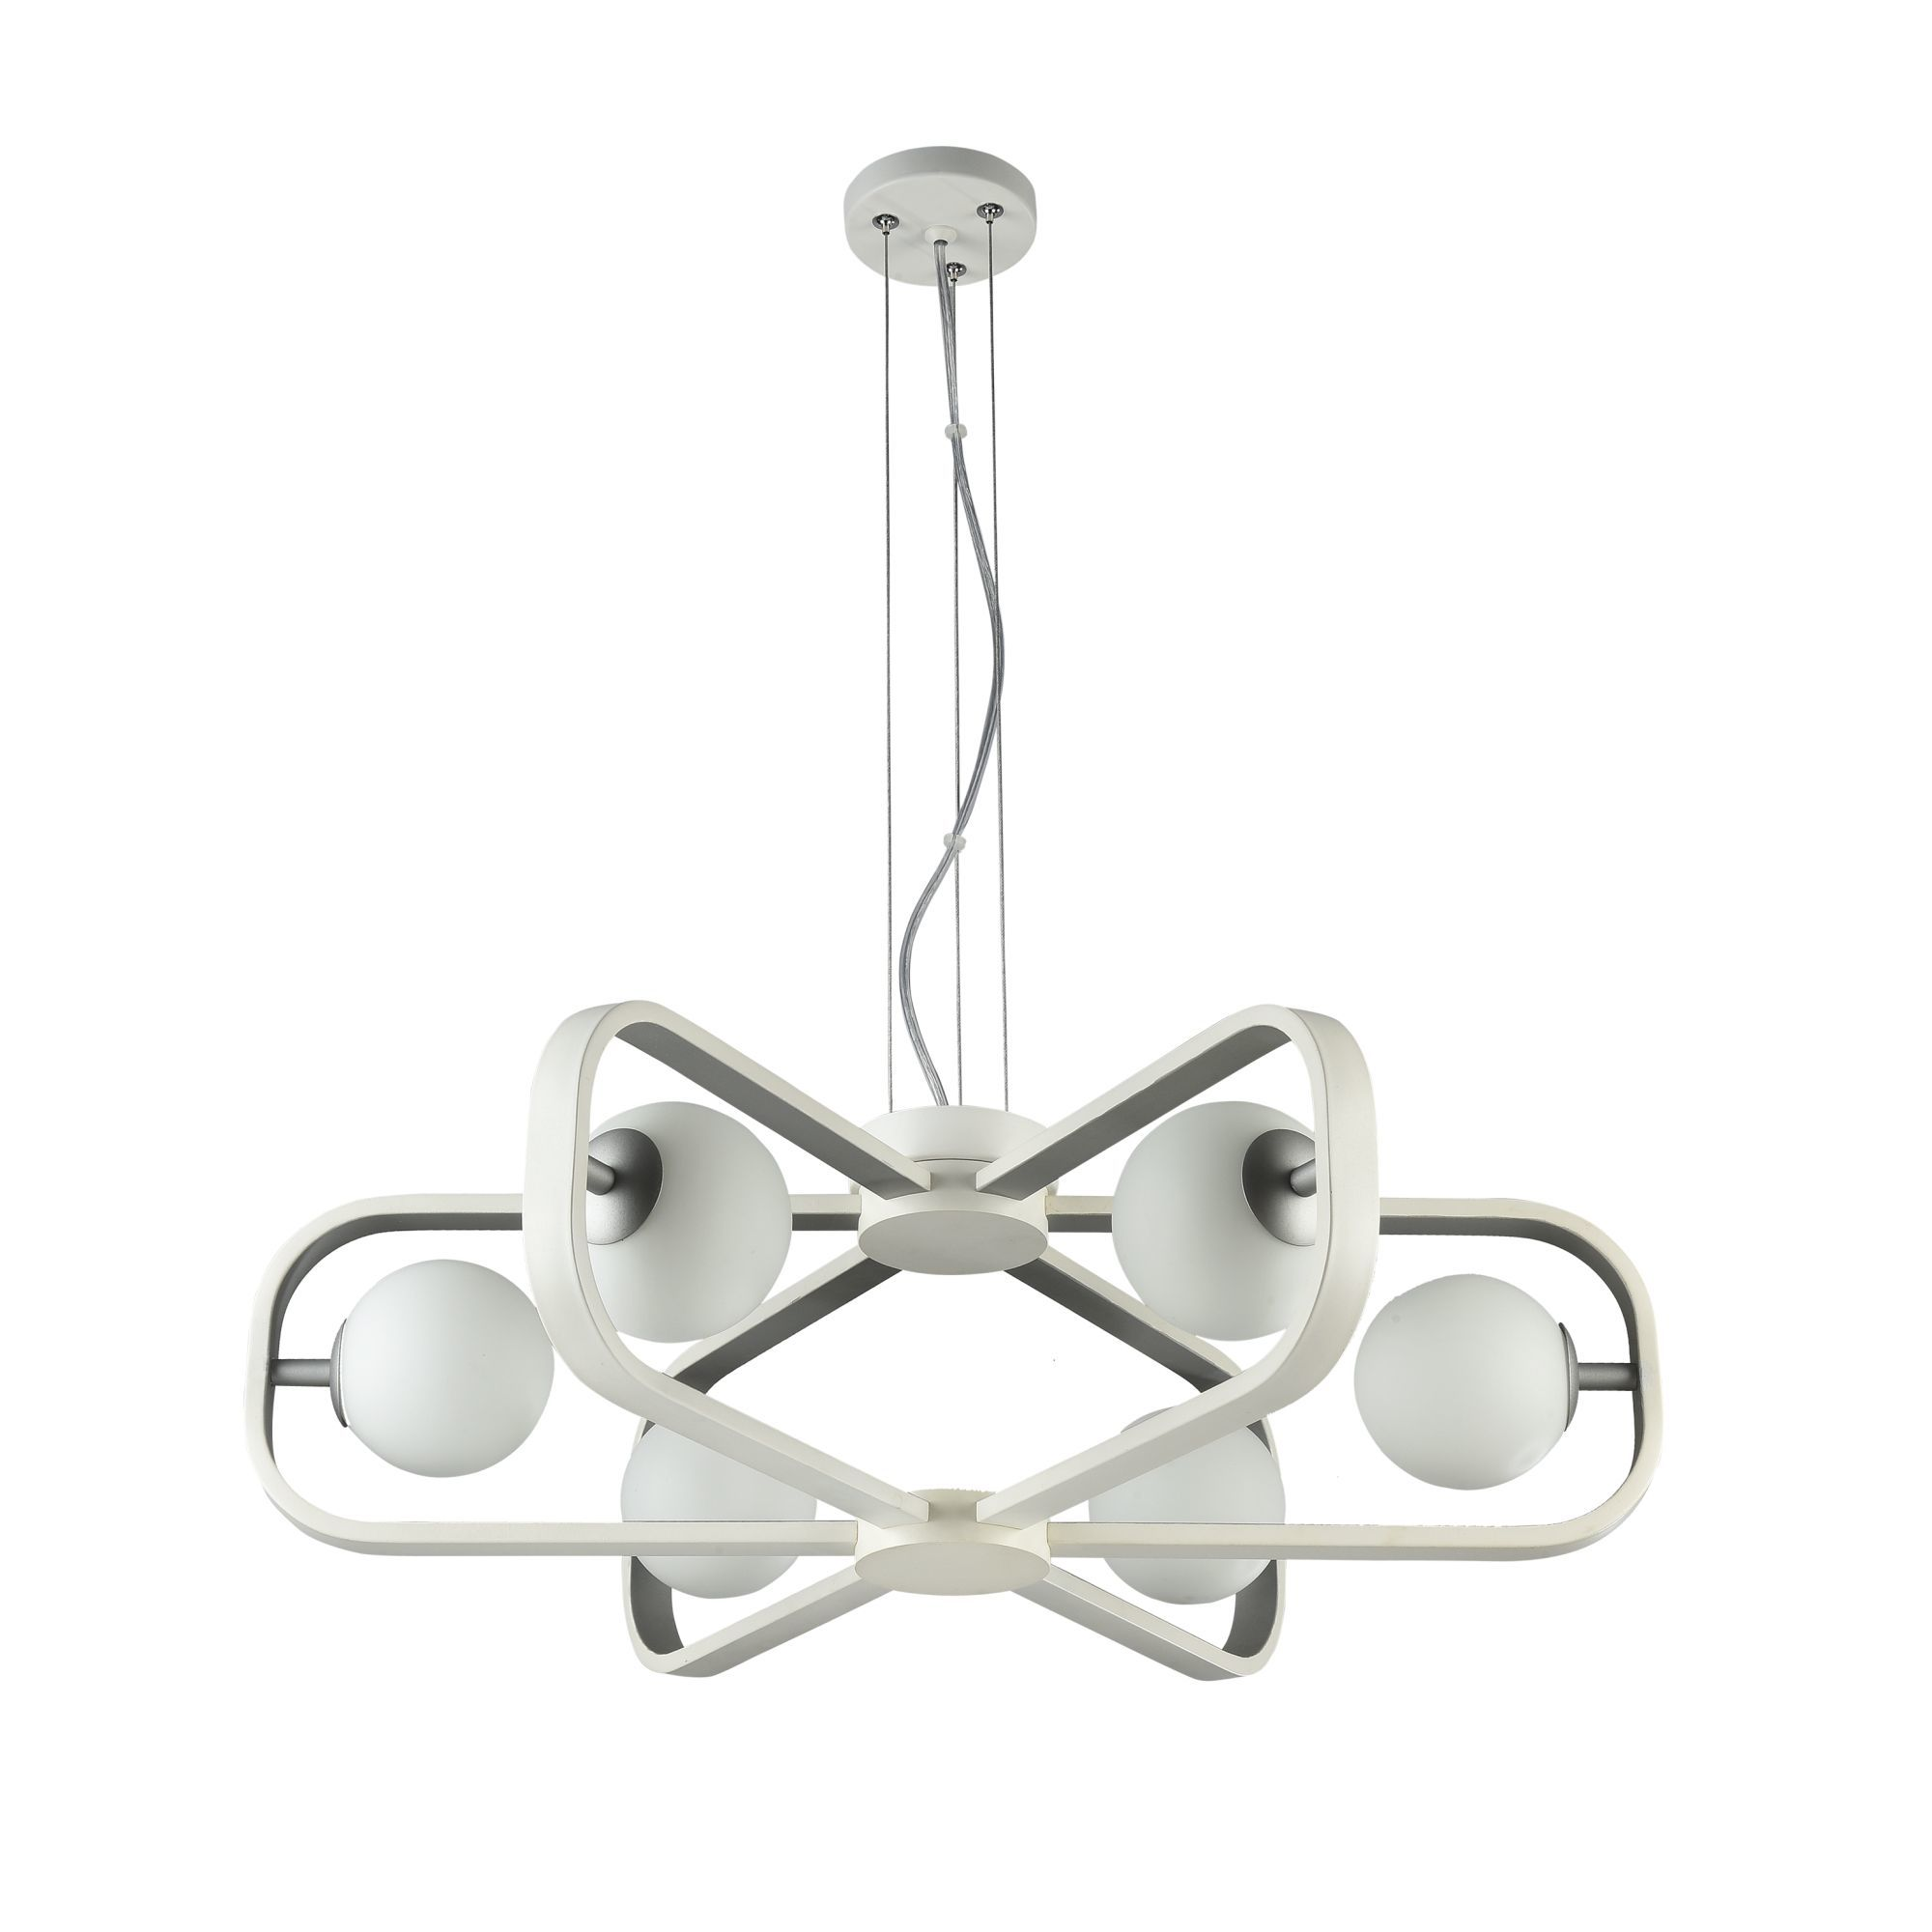 Подвесная люстра Maytoni Avola MOD431-PL-06-WS, 6xG9x40W, белый, серебро, металл, стекло - фото 3